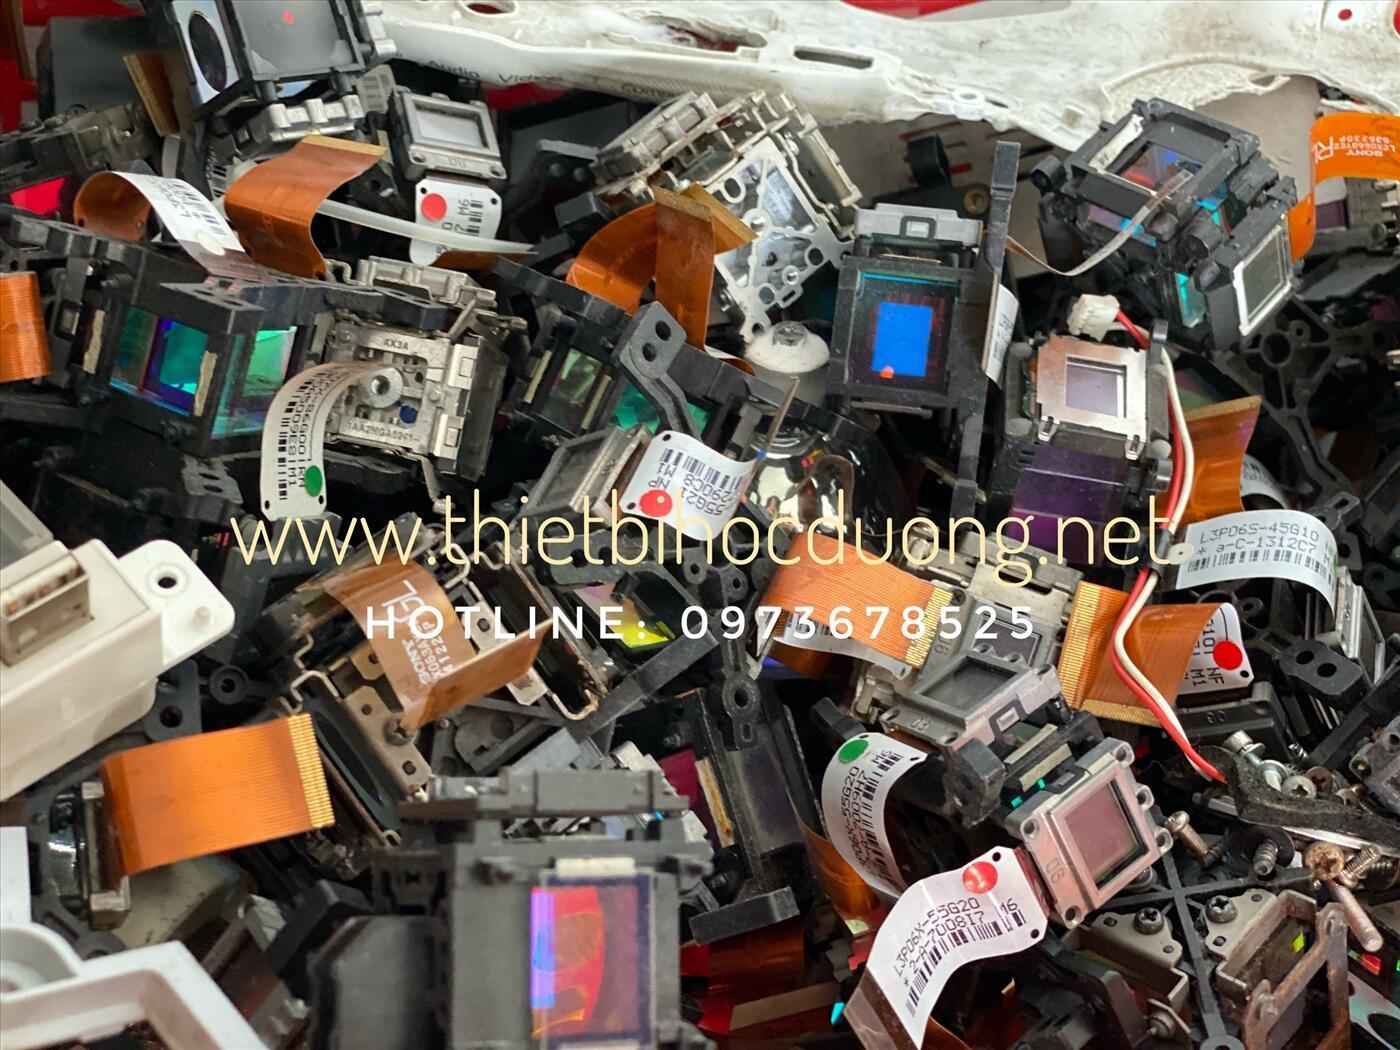 Thay LCD máy chiếu Sony, Panasonic bị nhoè màu, bể chữ